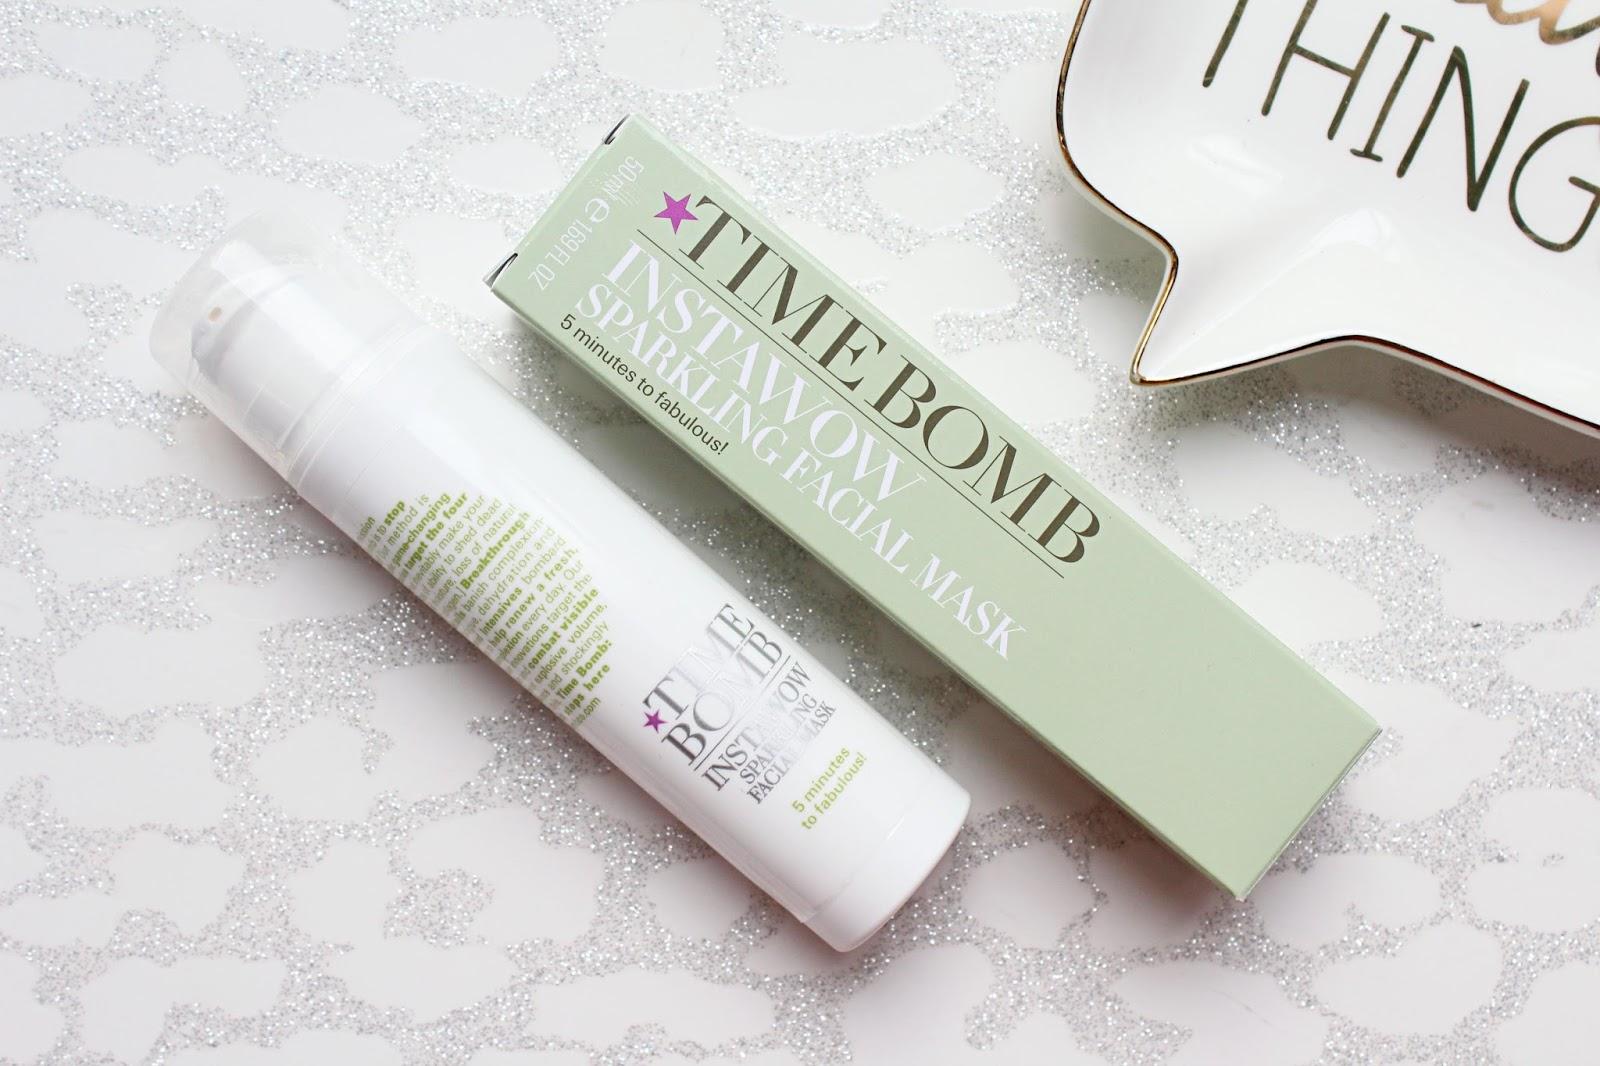 TimeBomb Skincare